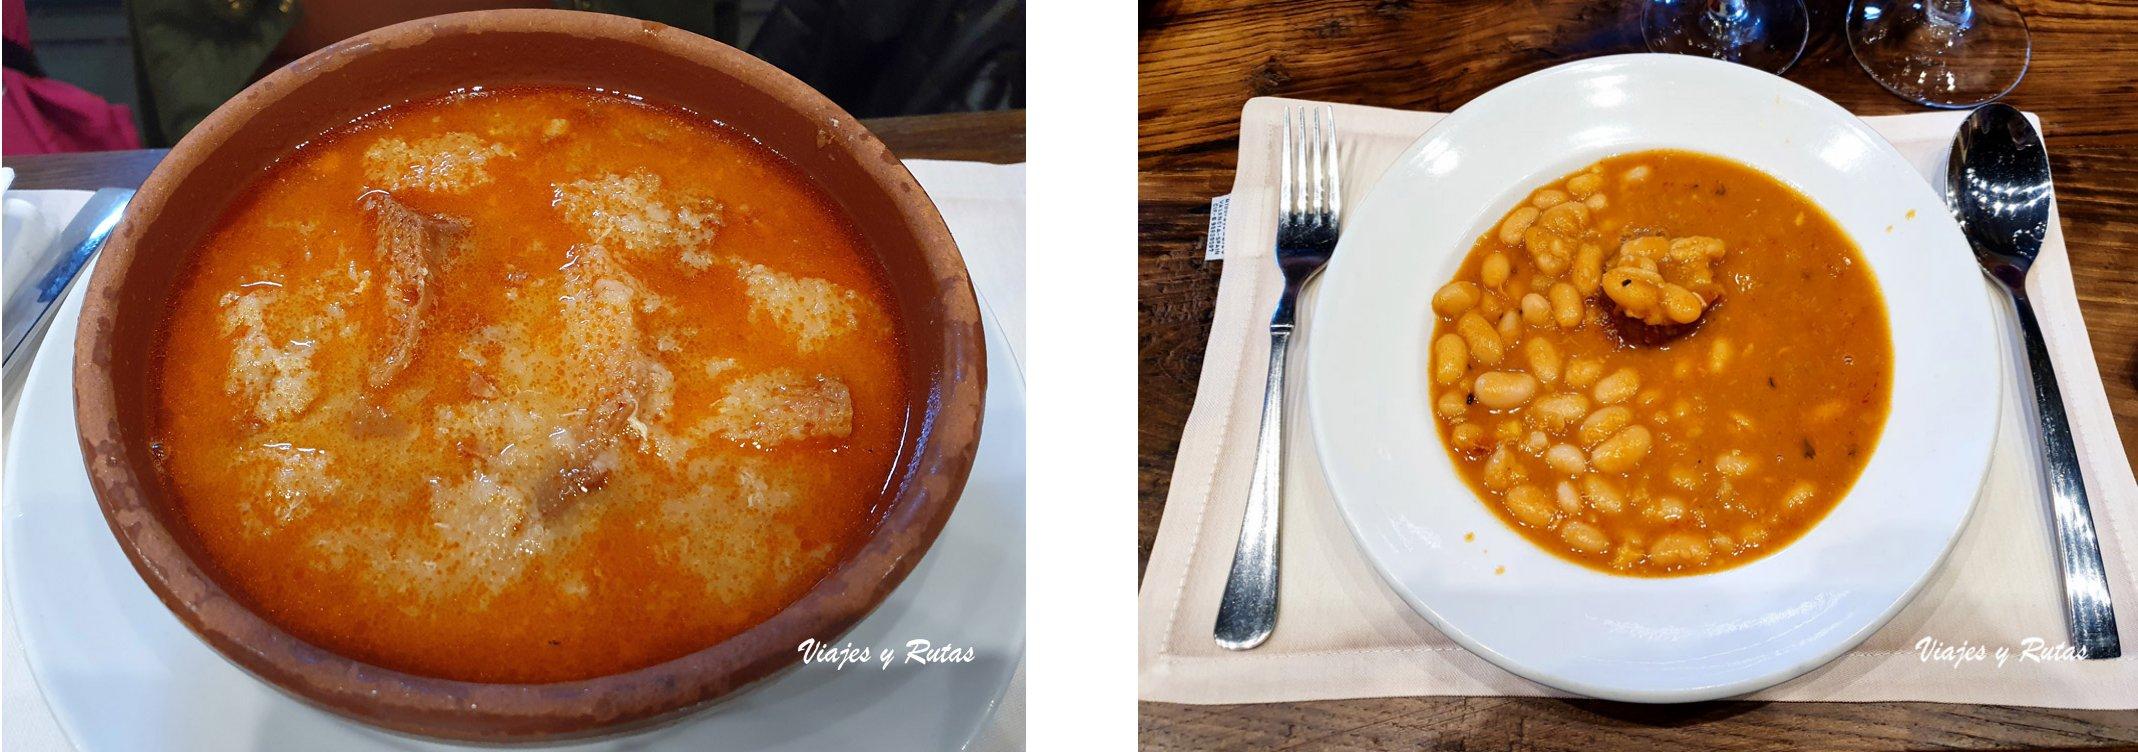 Restaurante El Convento de Mave